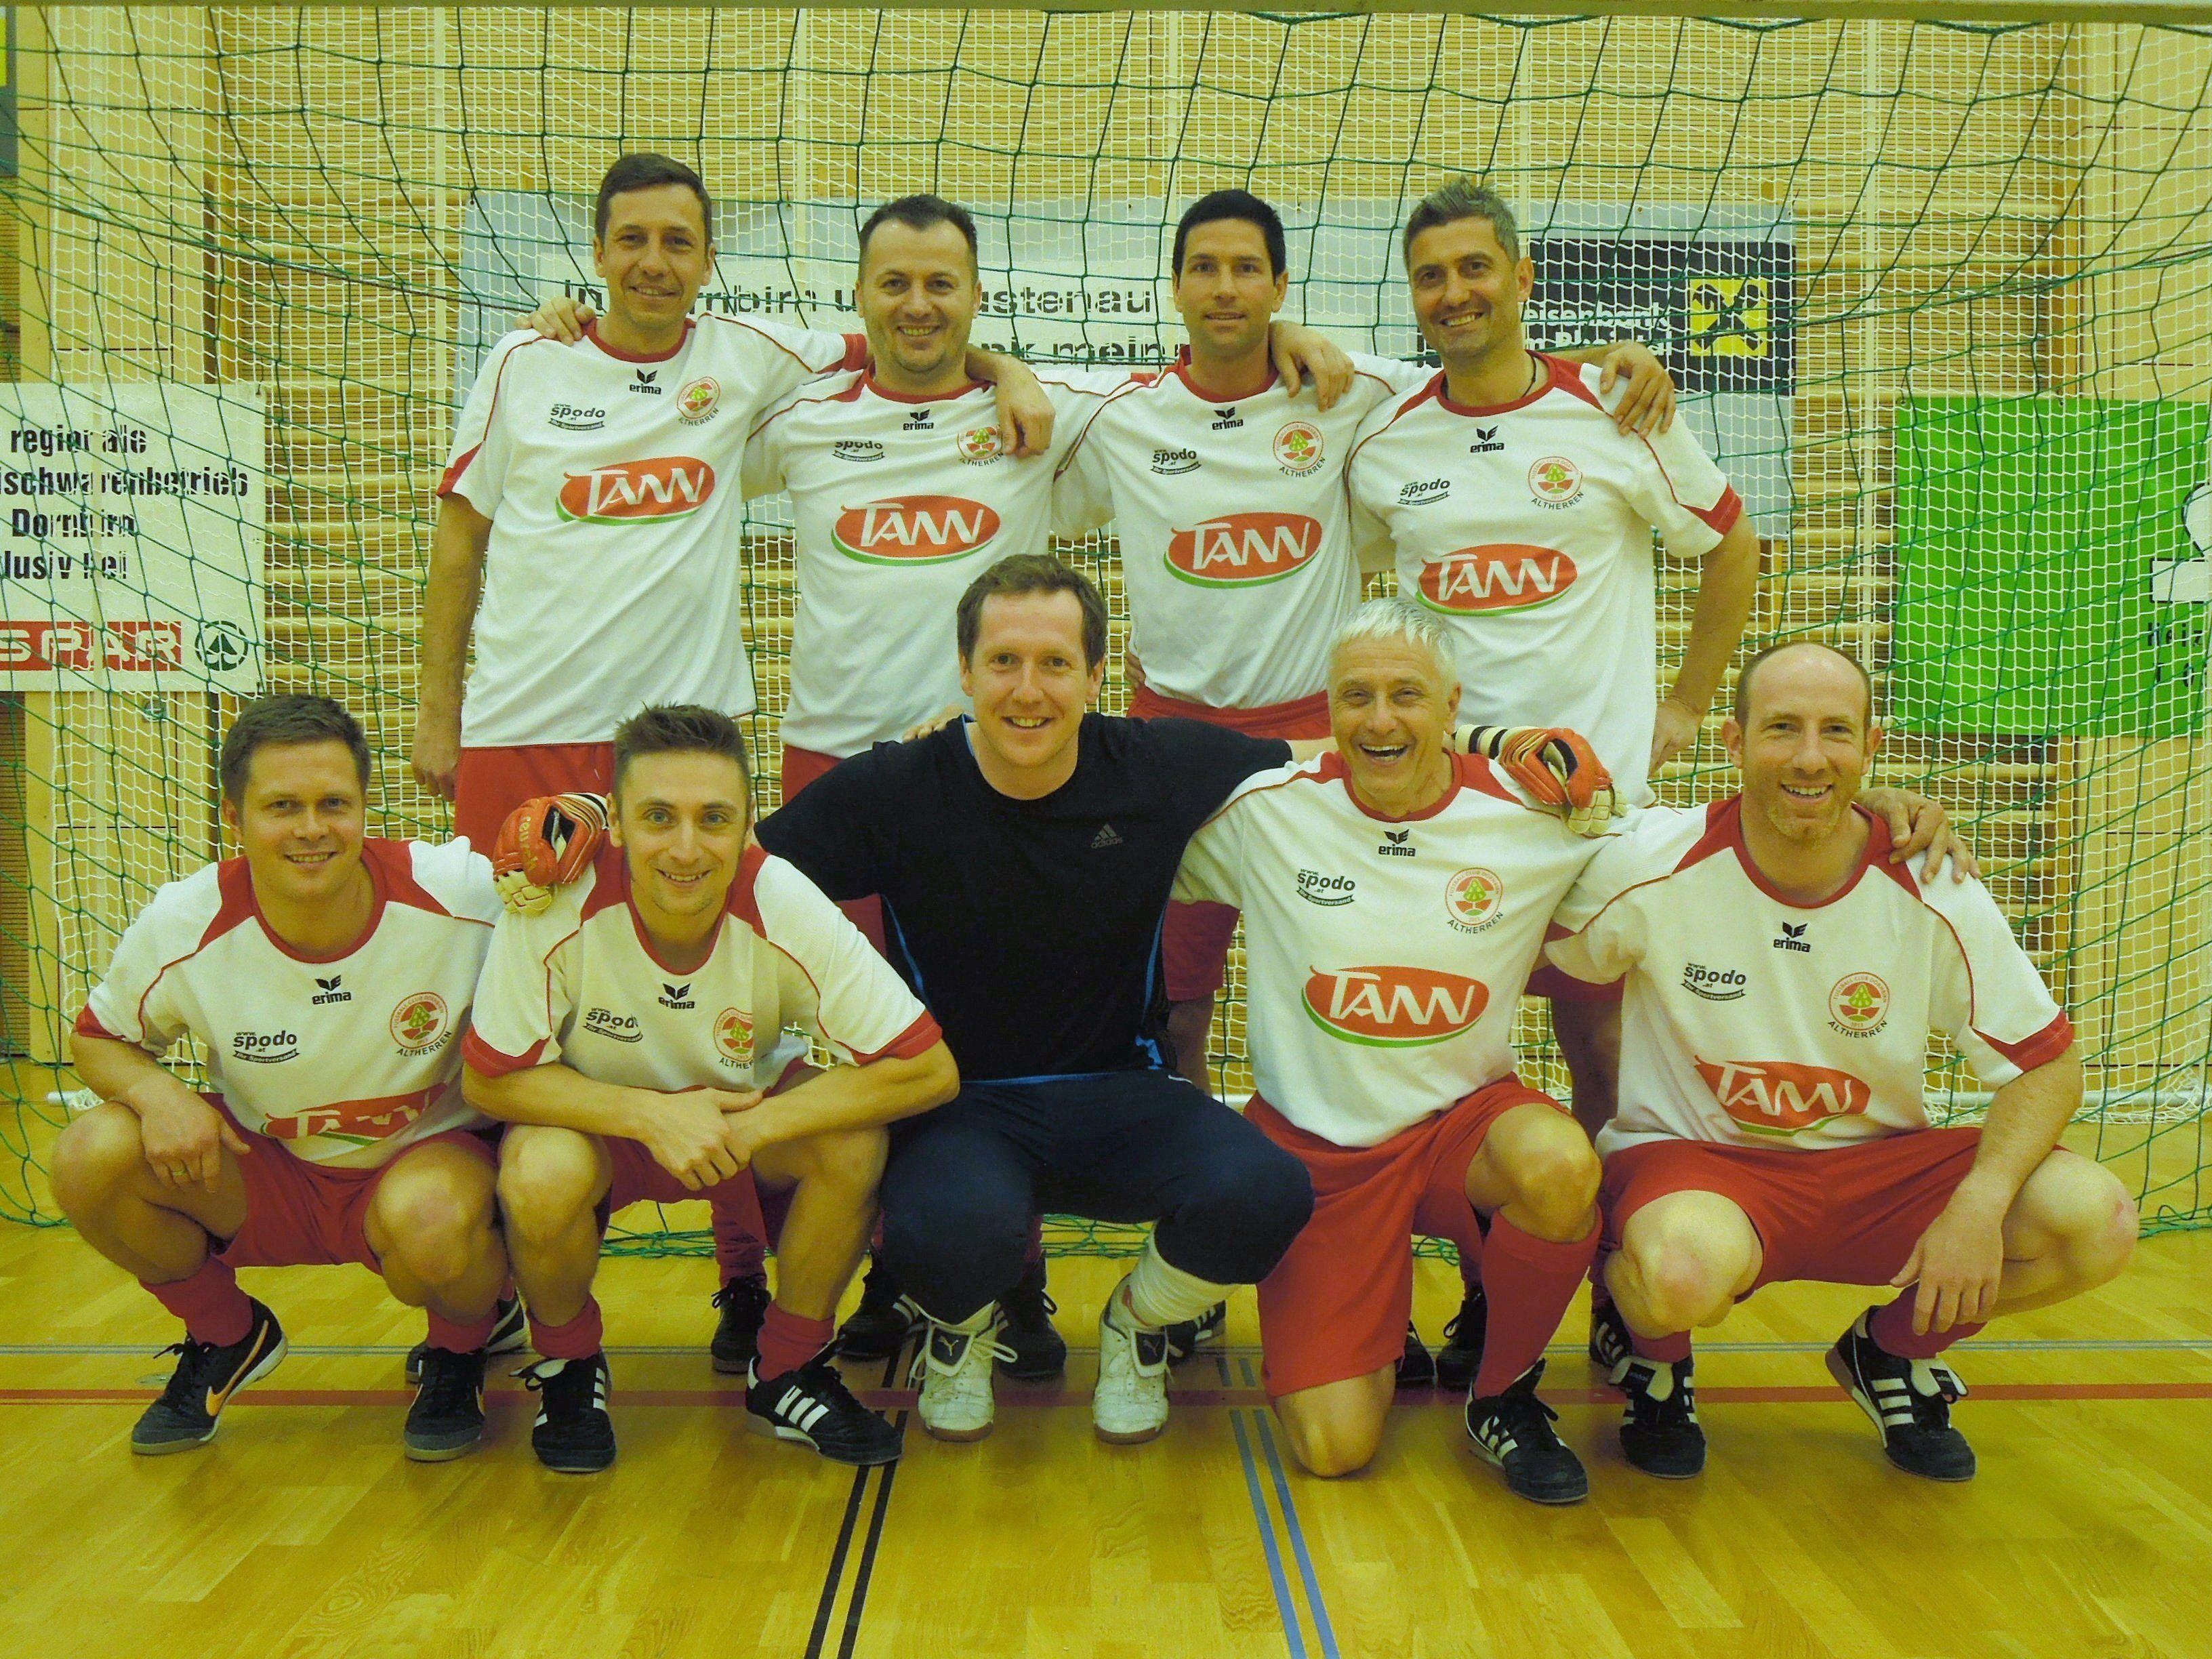 Der FC Dornbirn geht als Titelverteidiger in das diesjährige Fritz Rafreider Gedächtnisturnier.